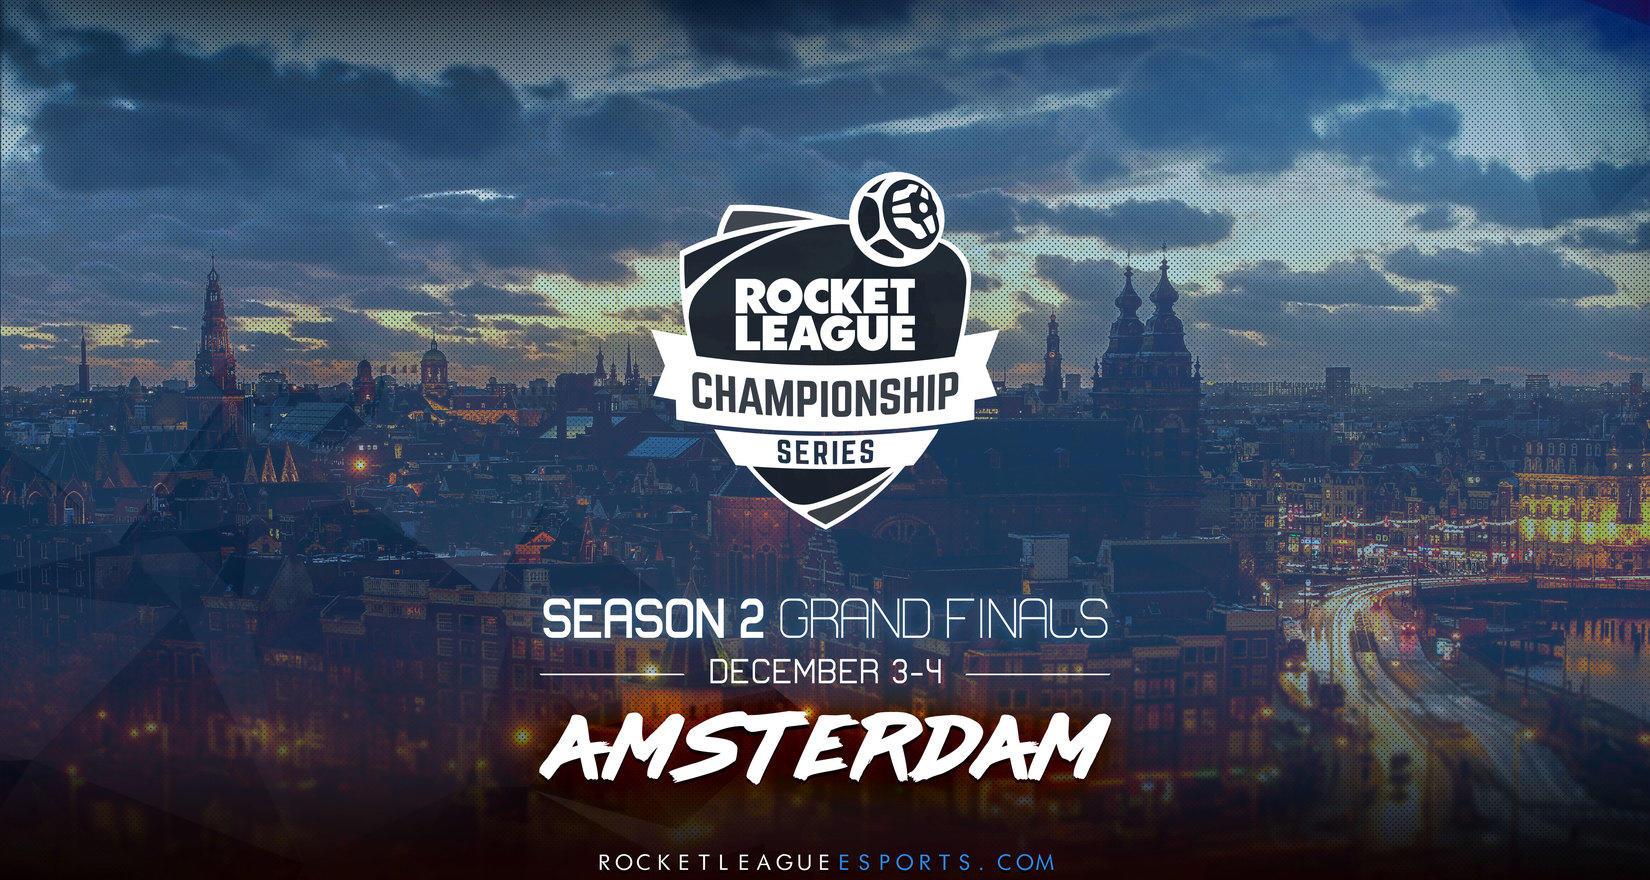 Финал RLCS 2 в Амстердаме